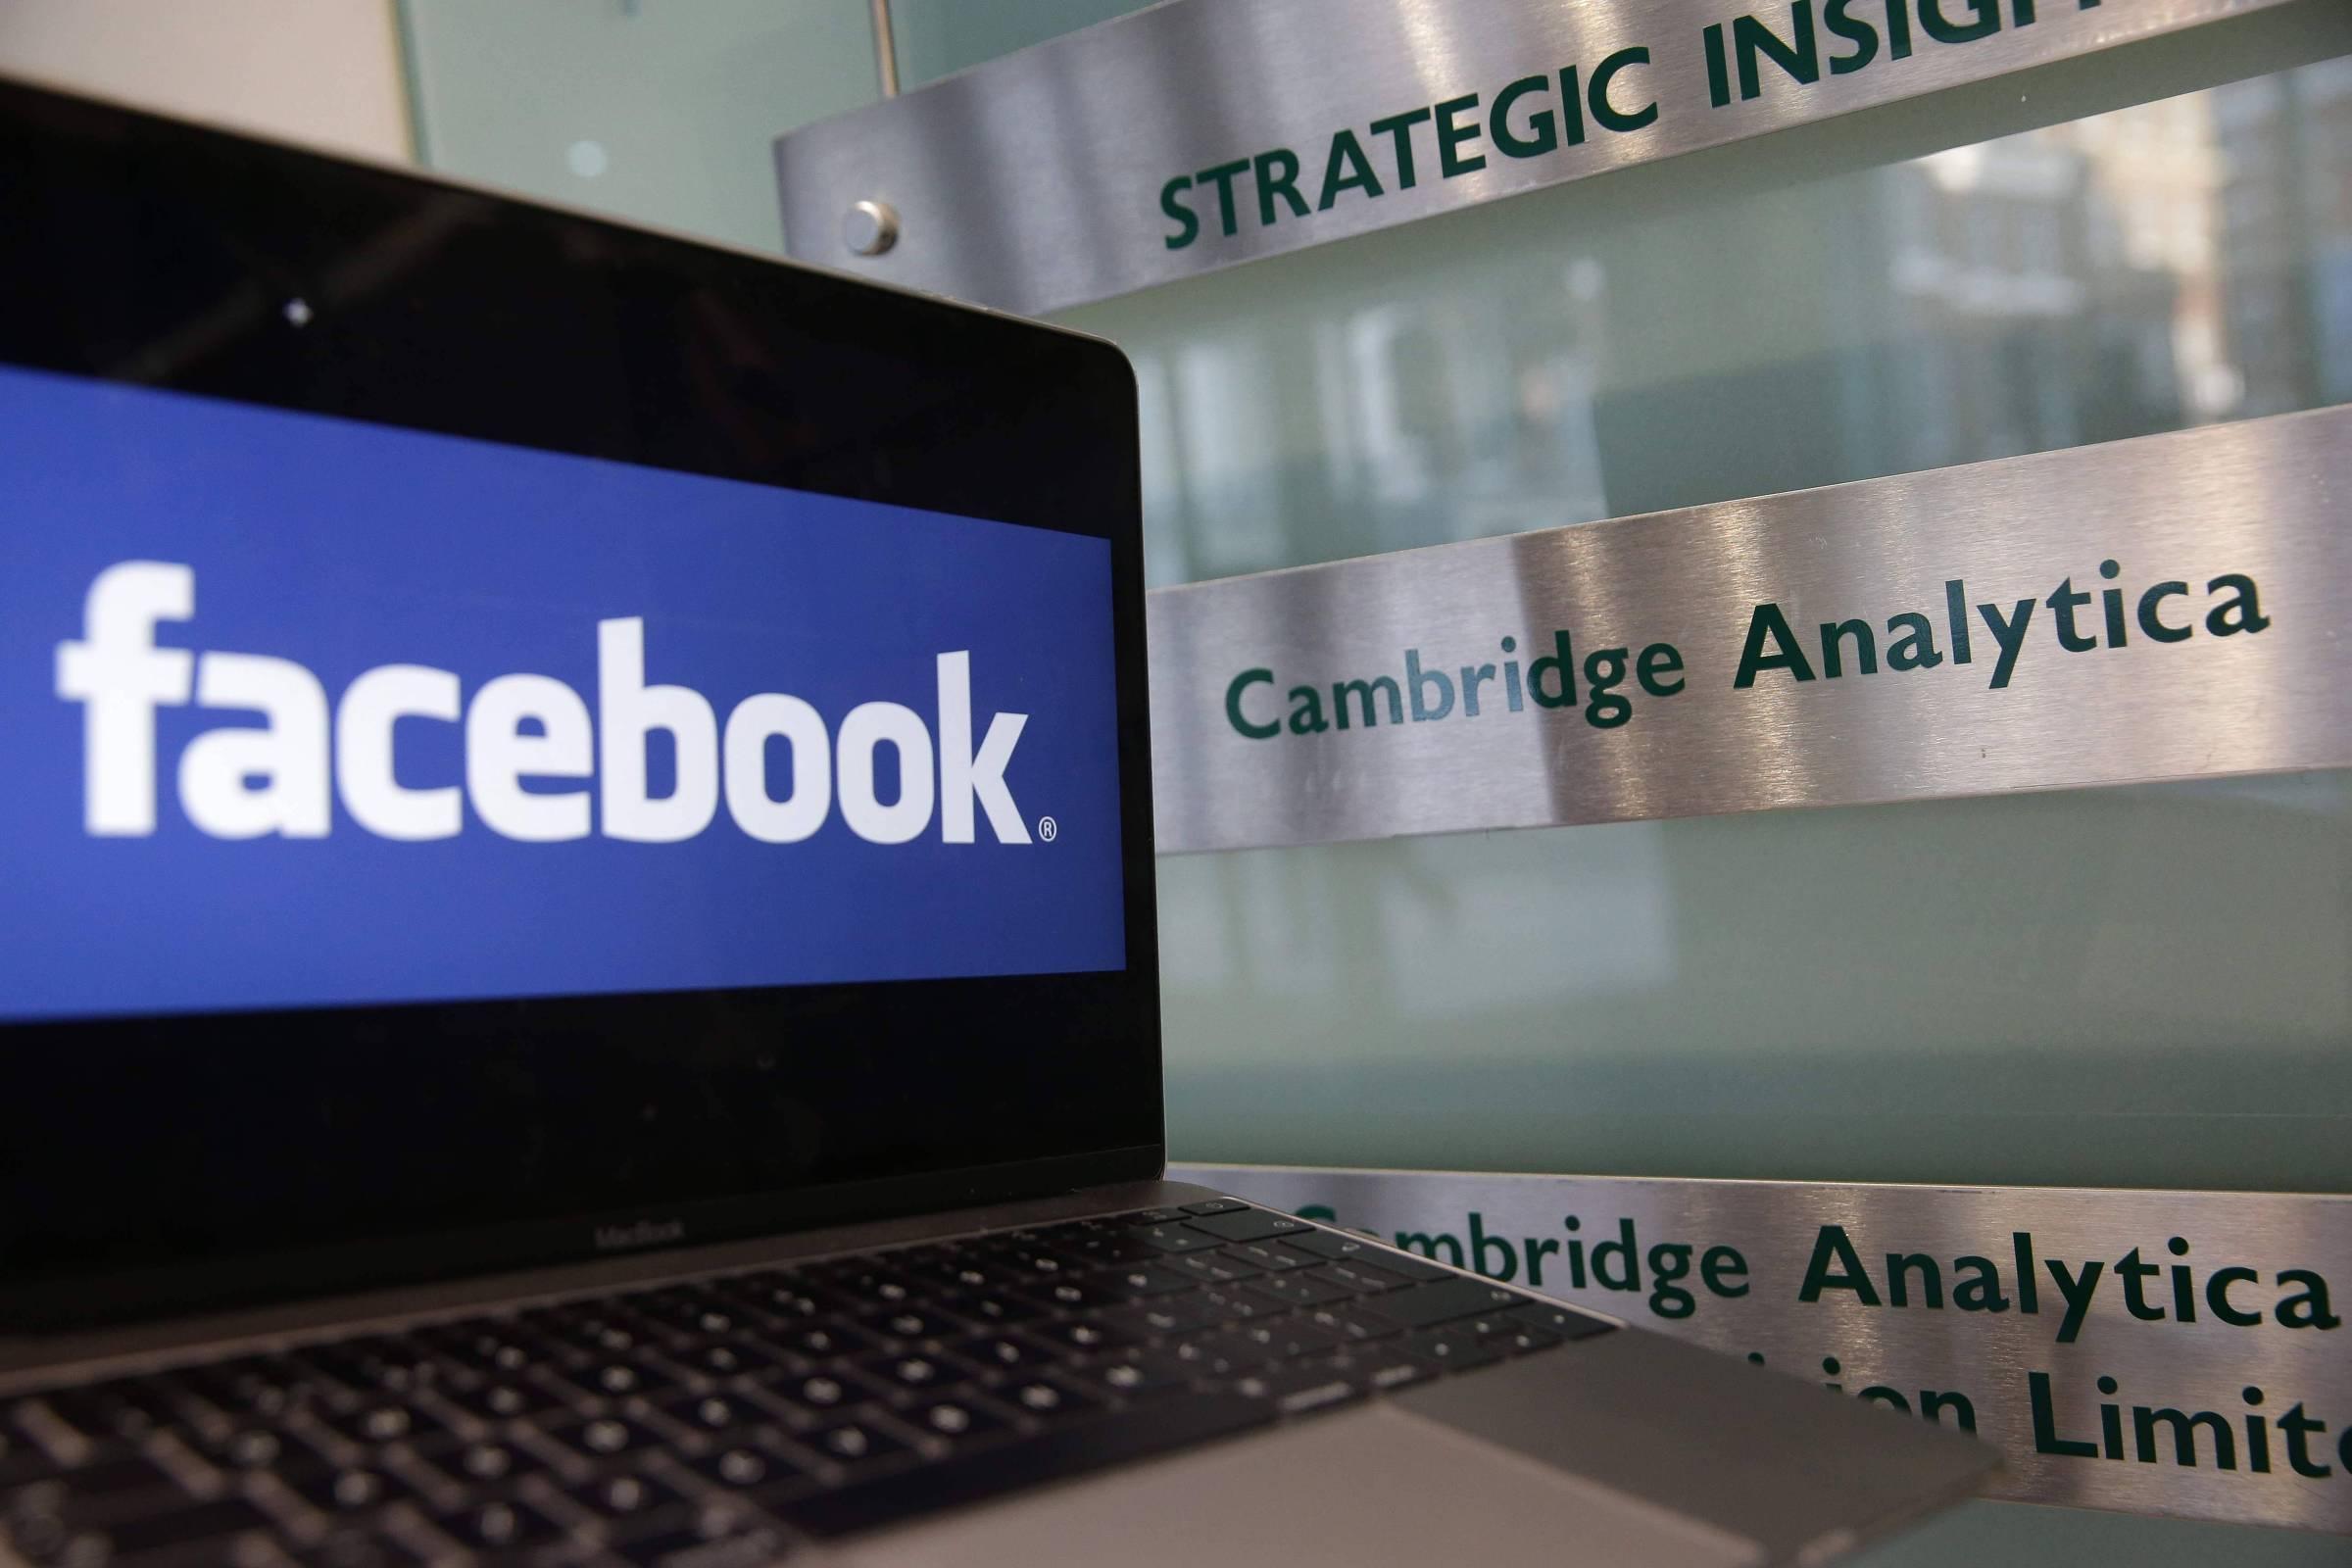 5d765aa145b65 Entenda o escândalo do uso de dados do Facebook - 22 03 2018 - Mercado -  Folha